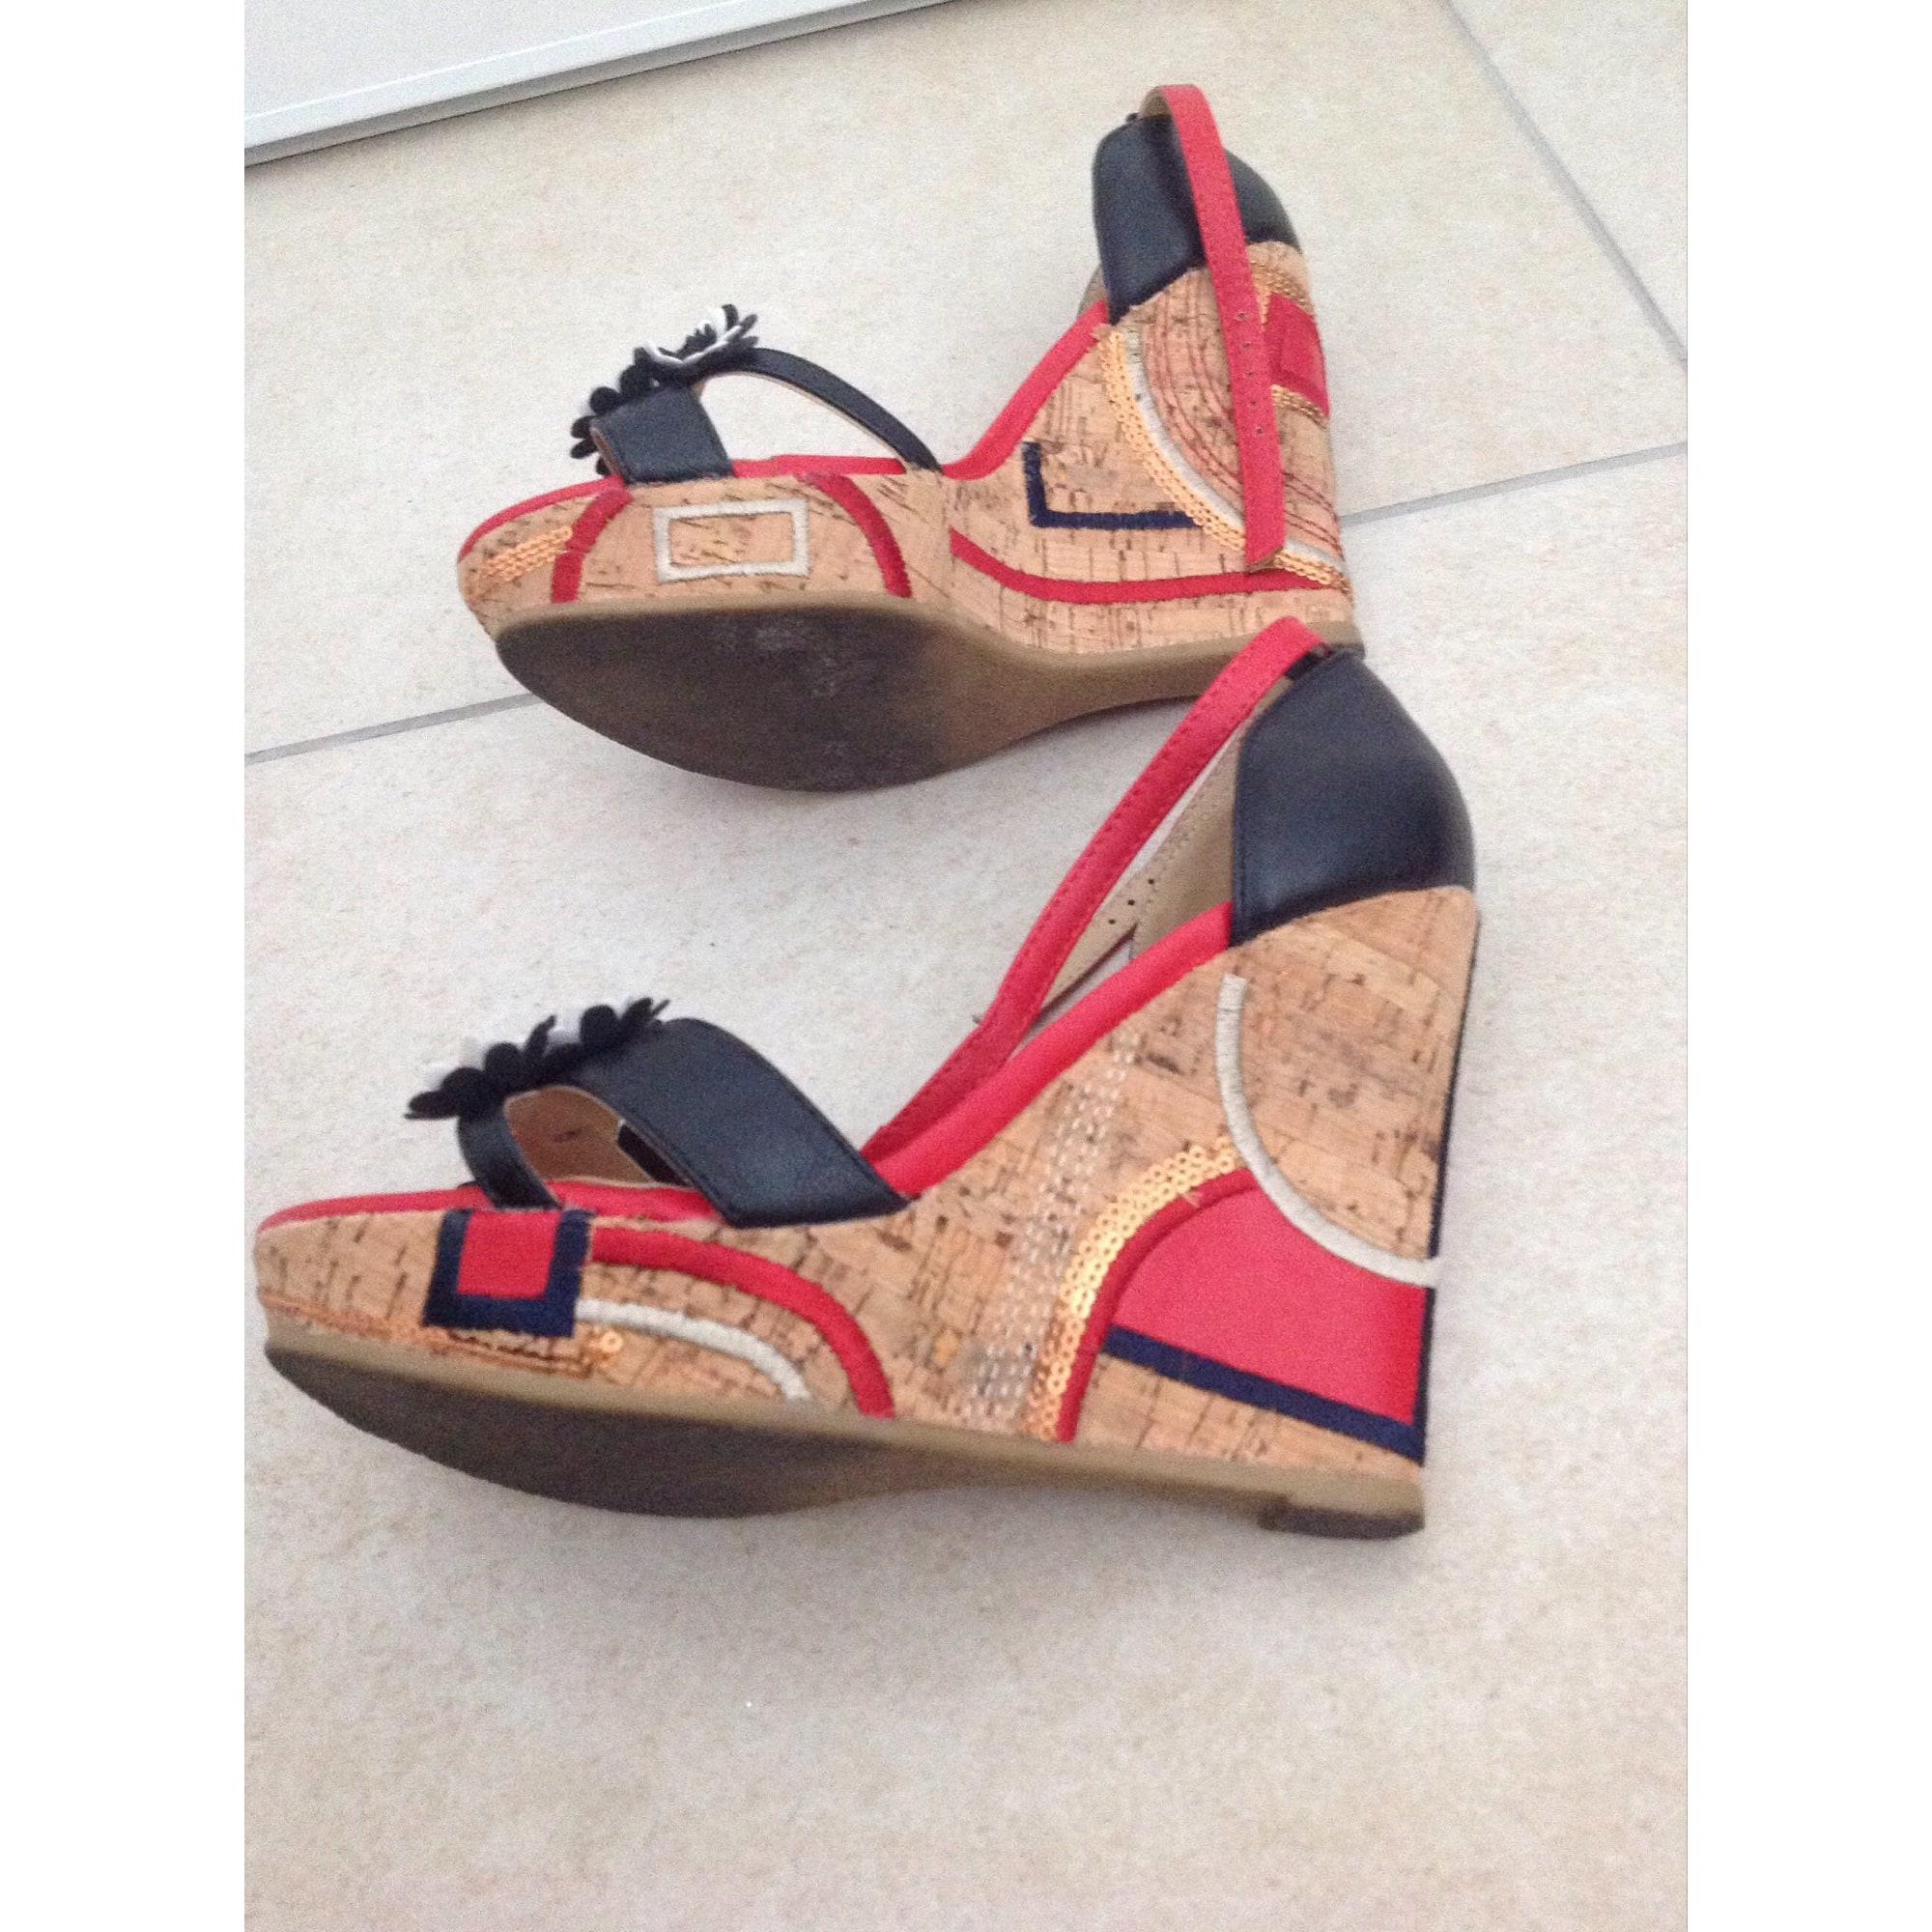 chaussures de sport lacer dans marque populaire 37 By Closer Chaussea 7793844 Multicouleur Compensées ...